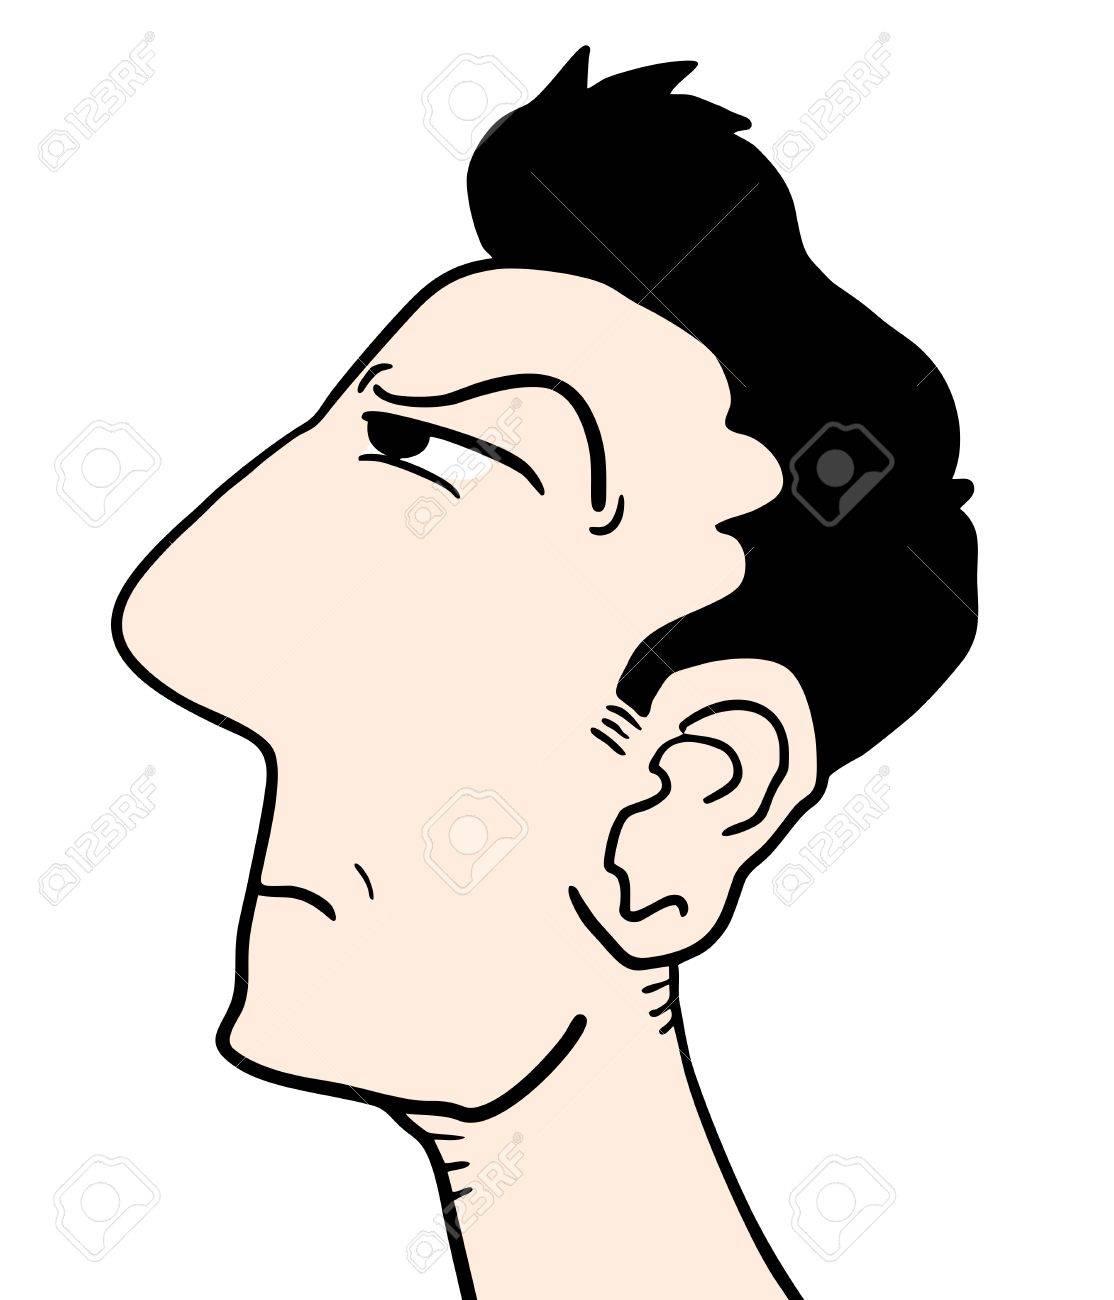 Man face Stock Vector - 22394166